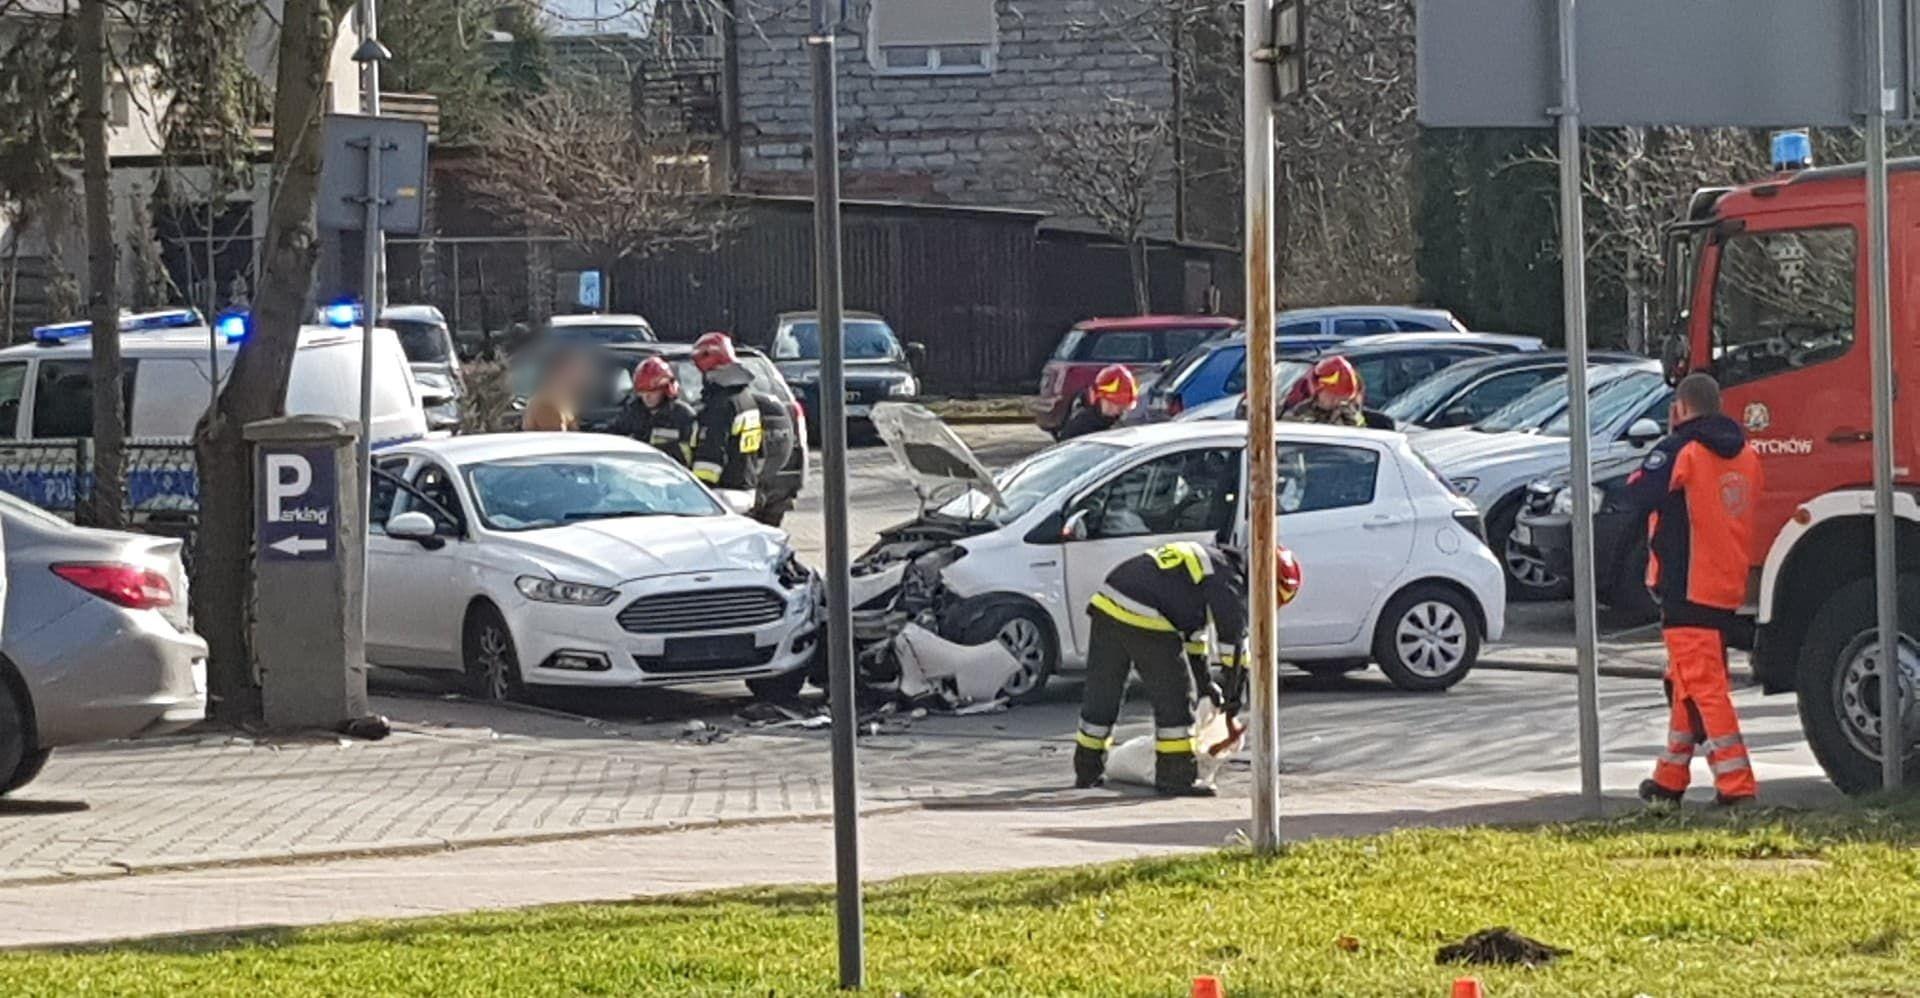 Wypadek na skrzyżowaniu w Andrychowie [FOTO]